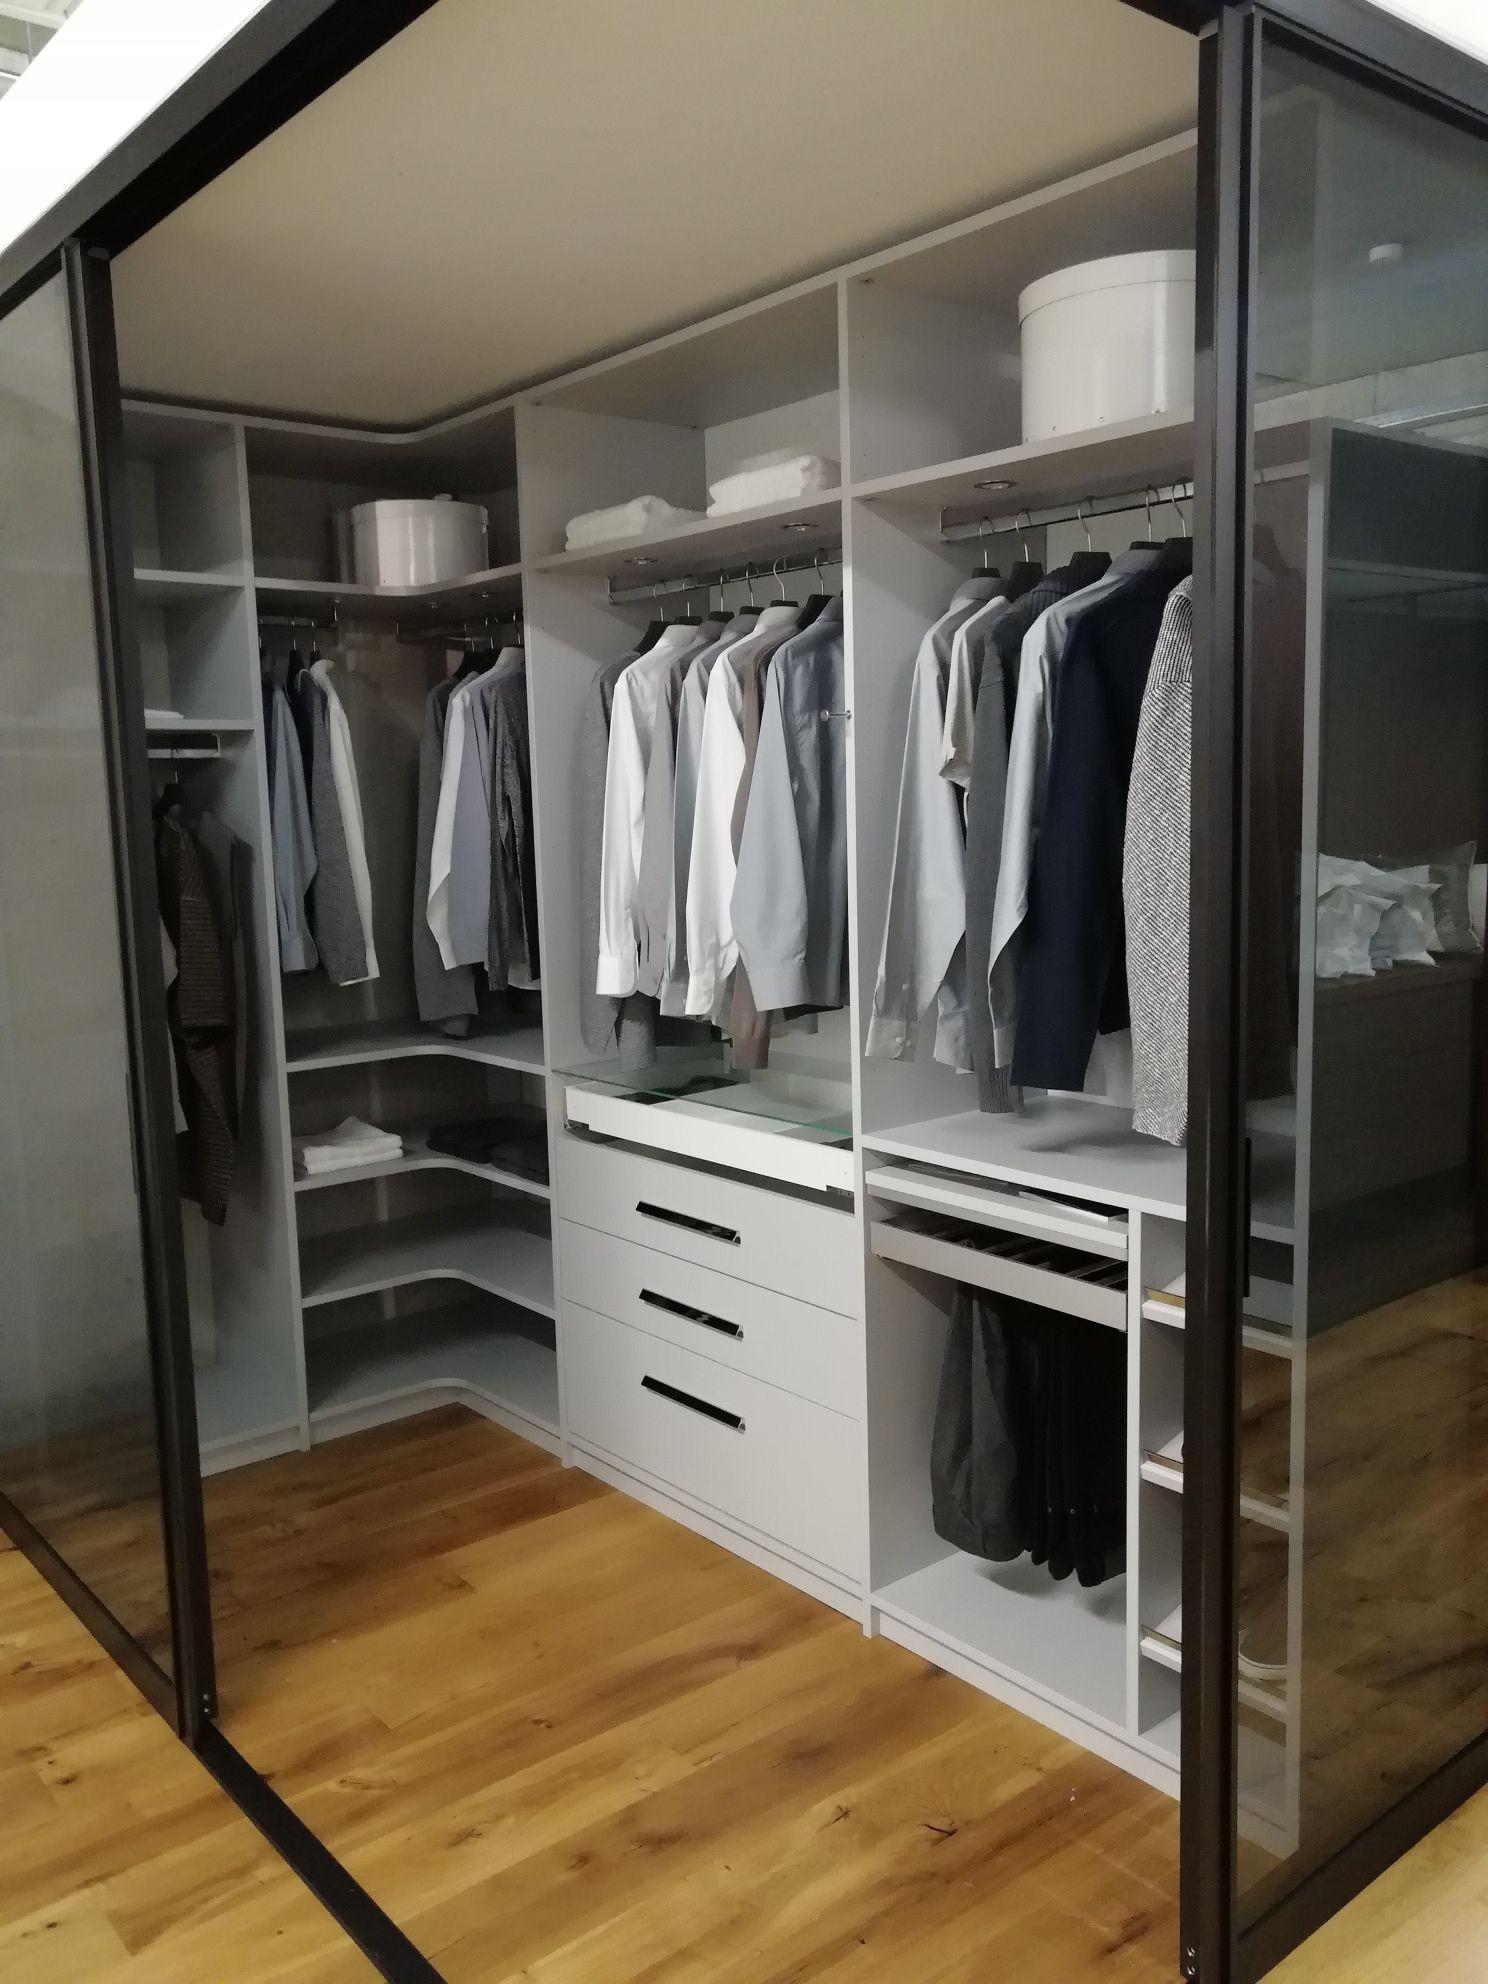 Begehbarer Kleiderschrank CABINET   Begehbarer kleiderschrank cabinet, Begehbarer kleiderschrank ...